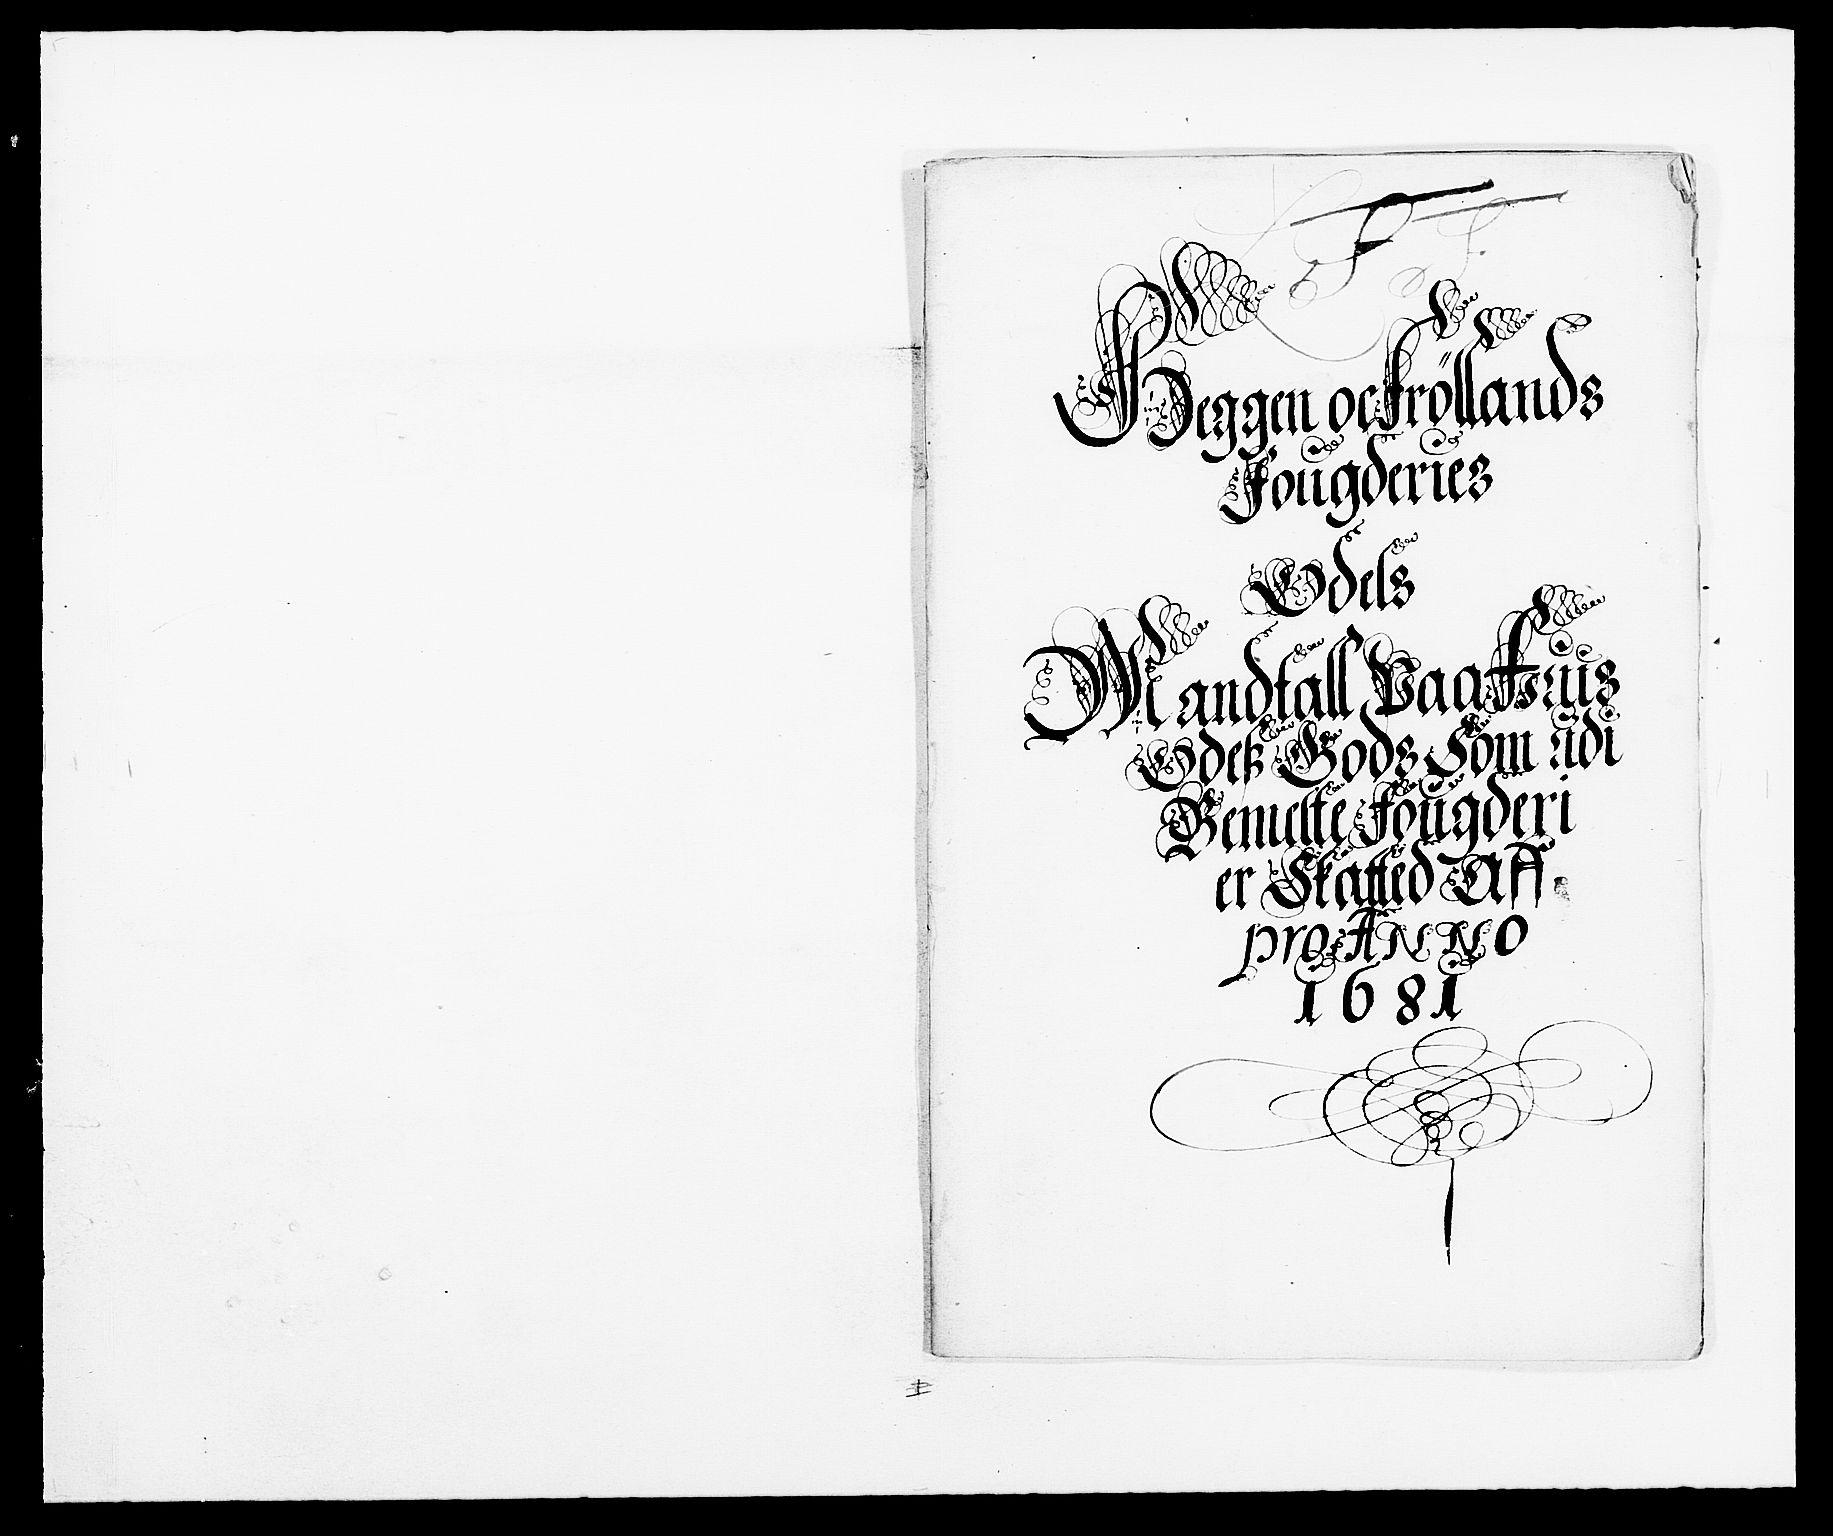 RA, Rentekammeret inntil 1814, Reviderte regnskaper, Fogderegnskap, R06/L0280: Fogderegnskap Heggen og Frøland, 1681-1684, s. 150